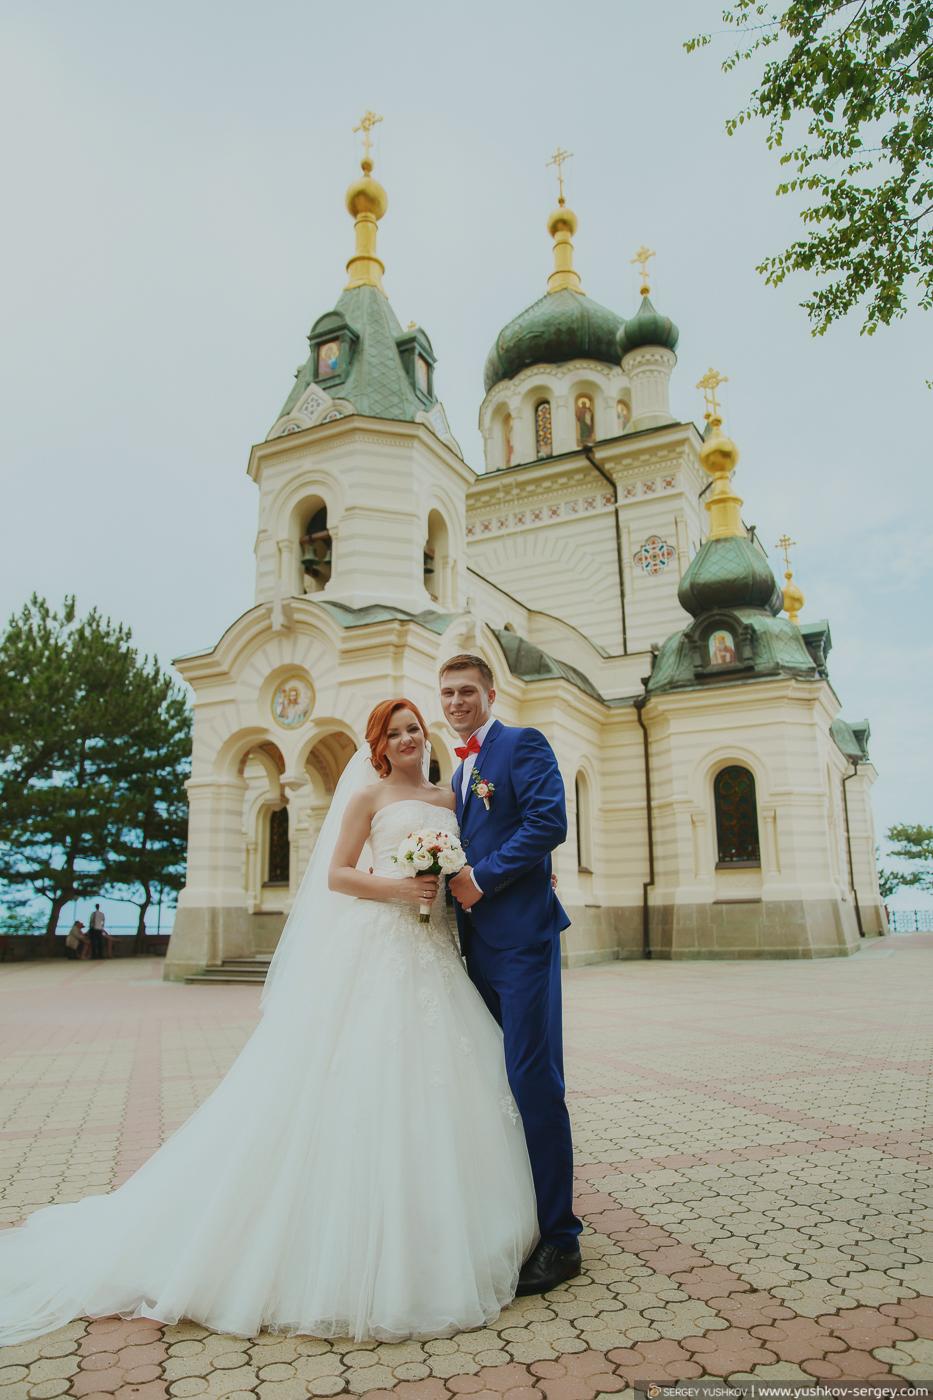 Свадебная фотосессия «Для двоих» в Крыму. Юлия и Юлиан.